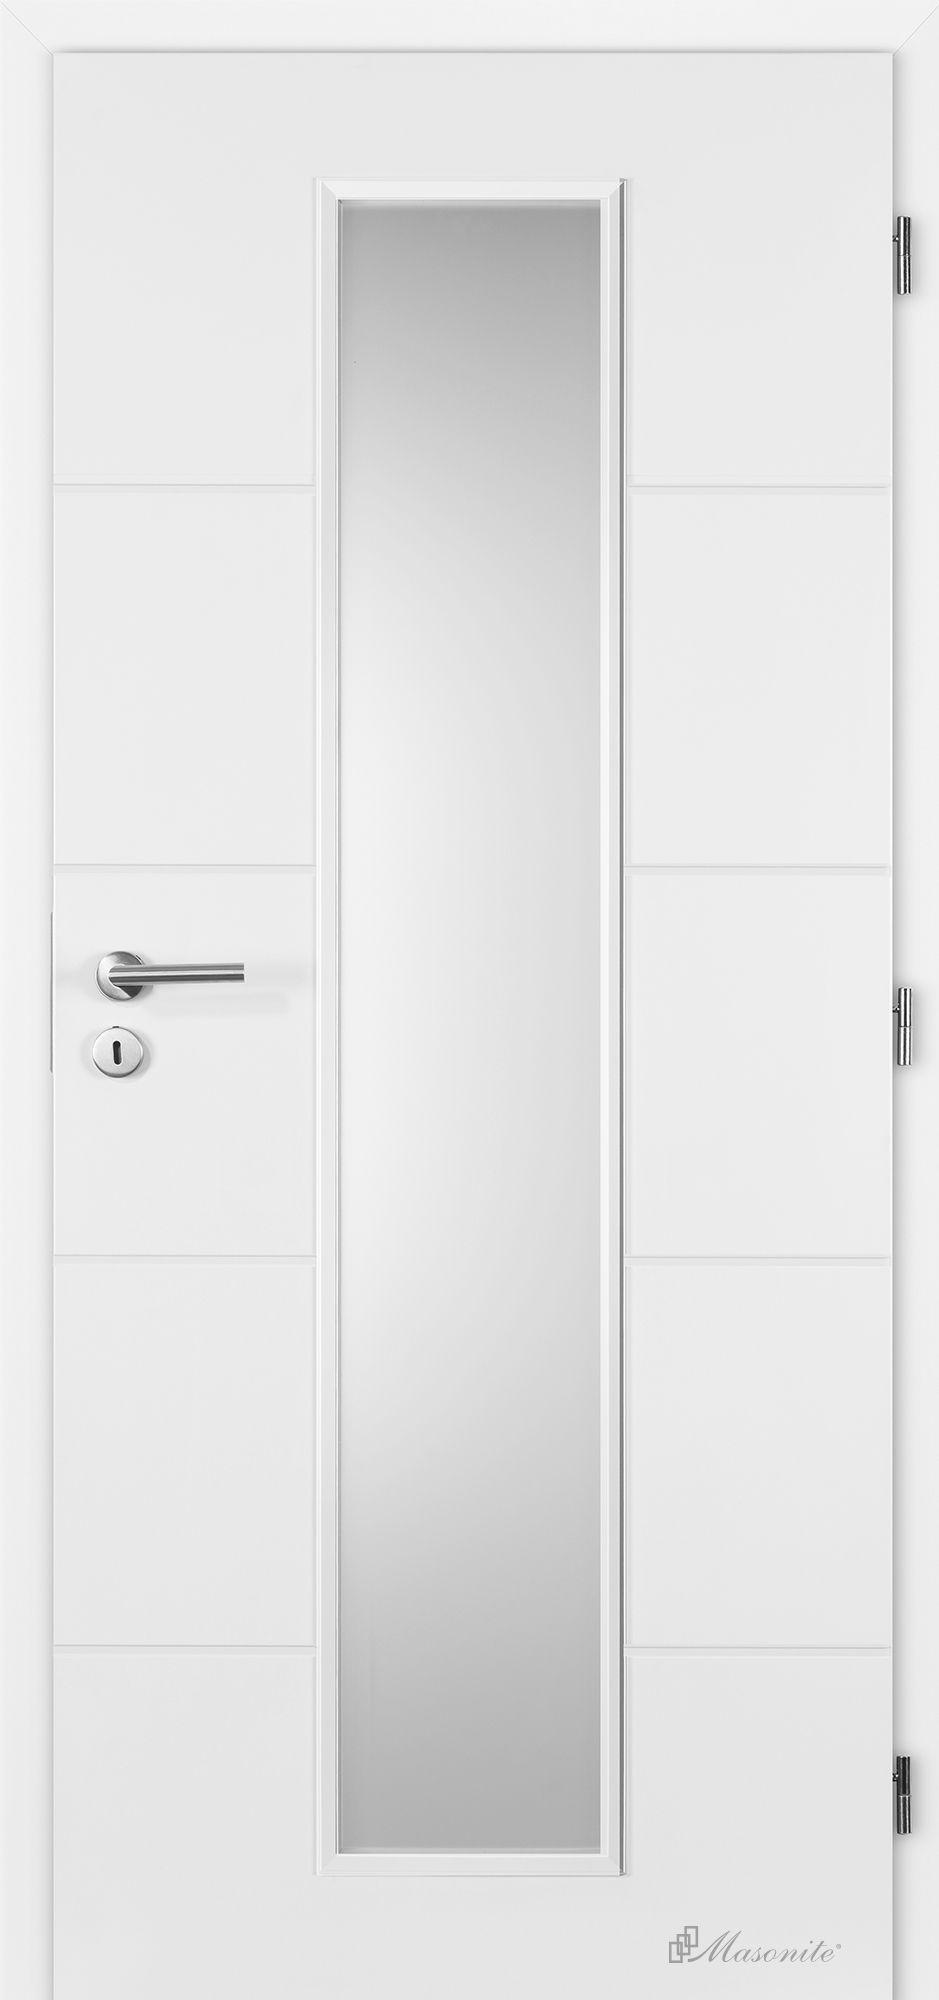 Masonite interiérové dveře QUATRO Linea hladké bílé 70 cm, voština